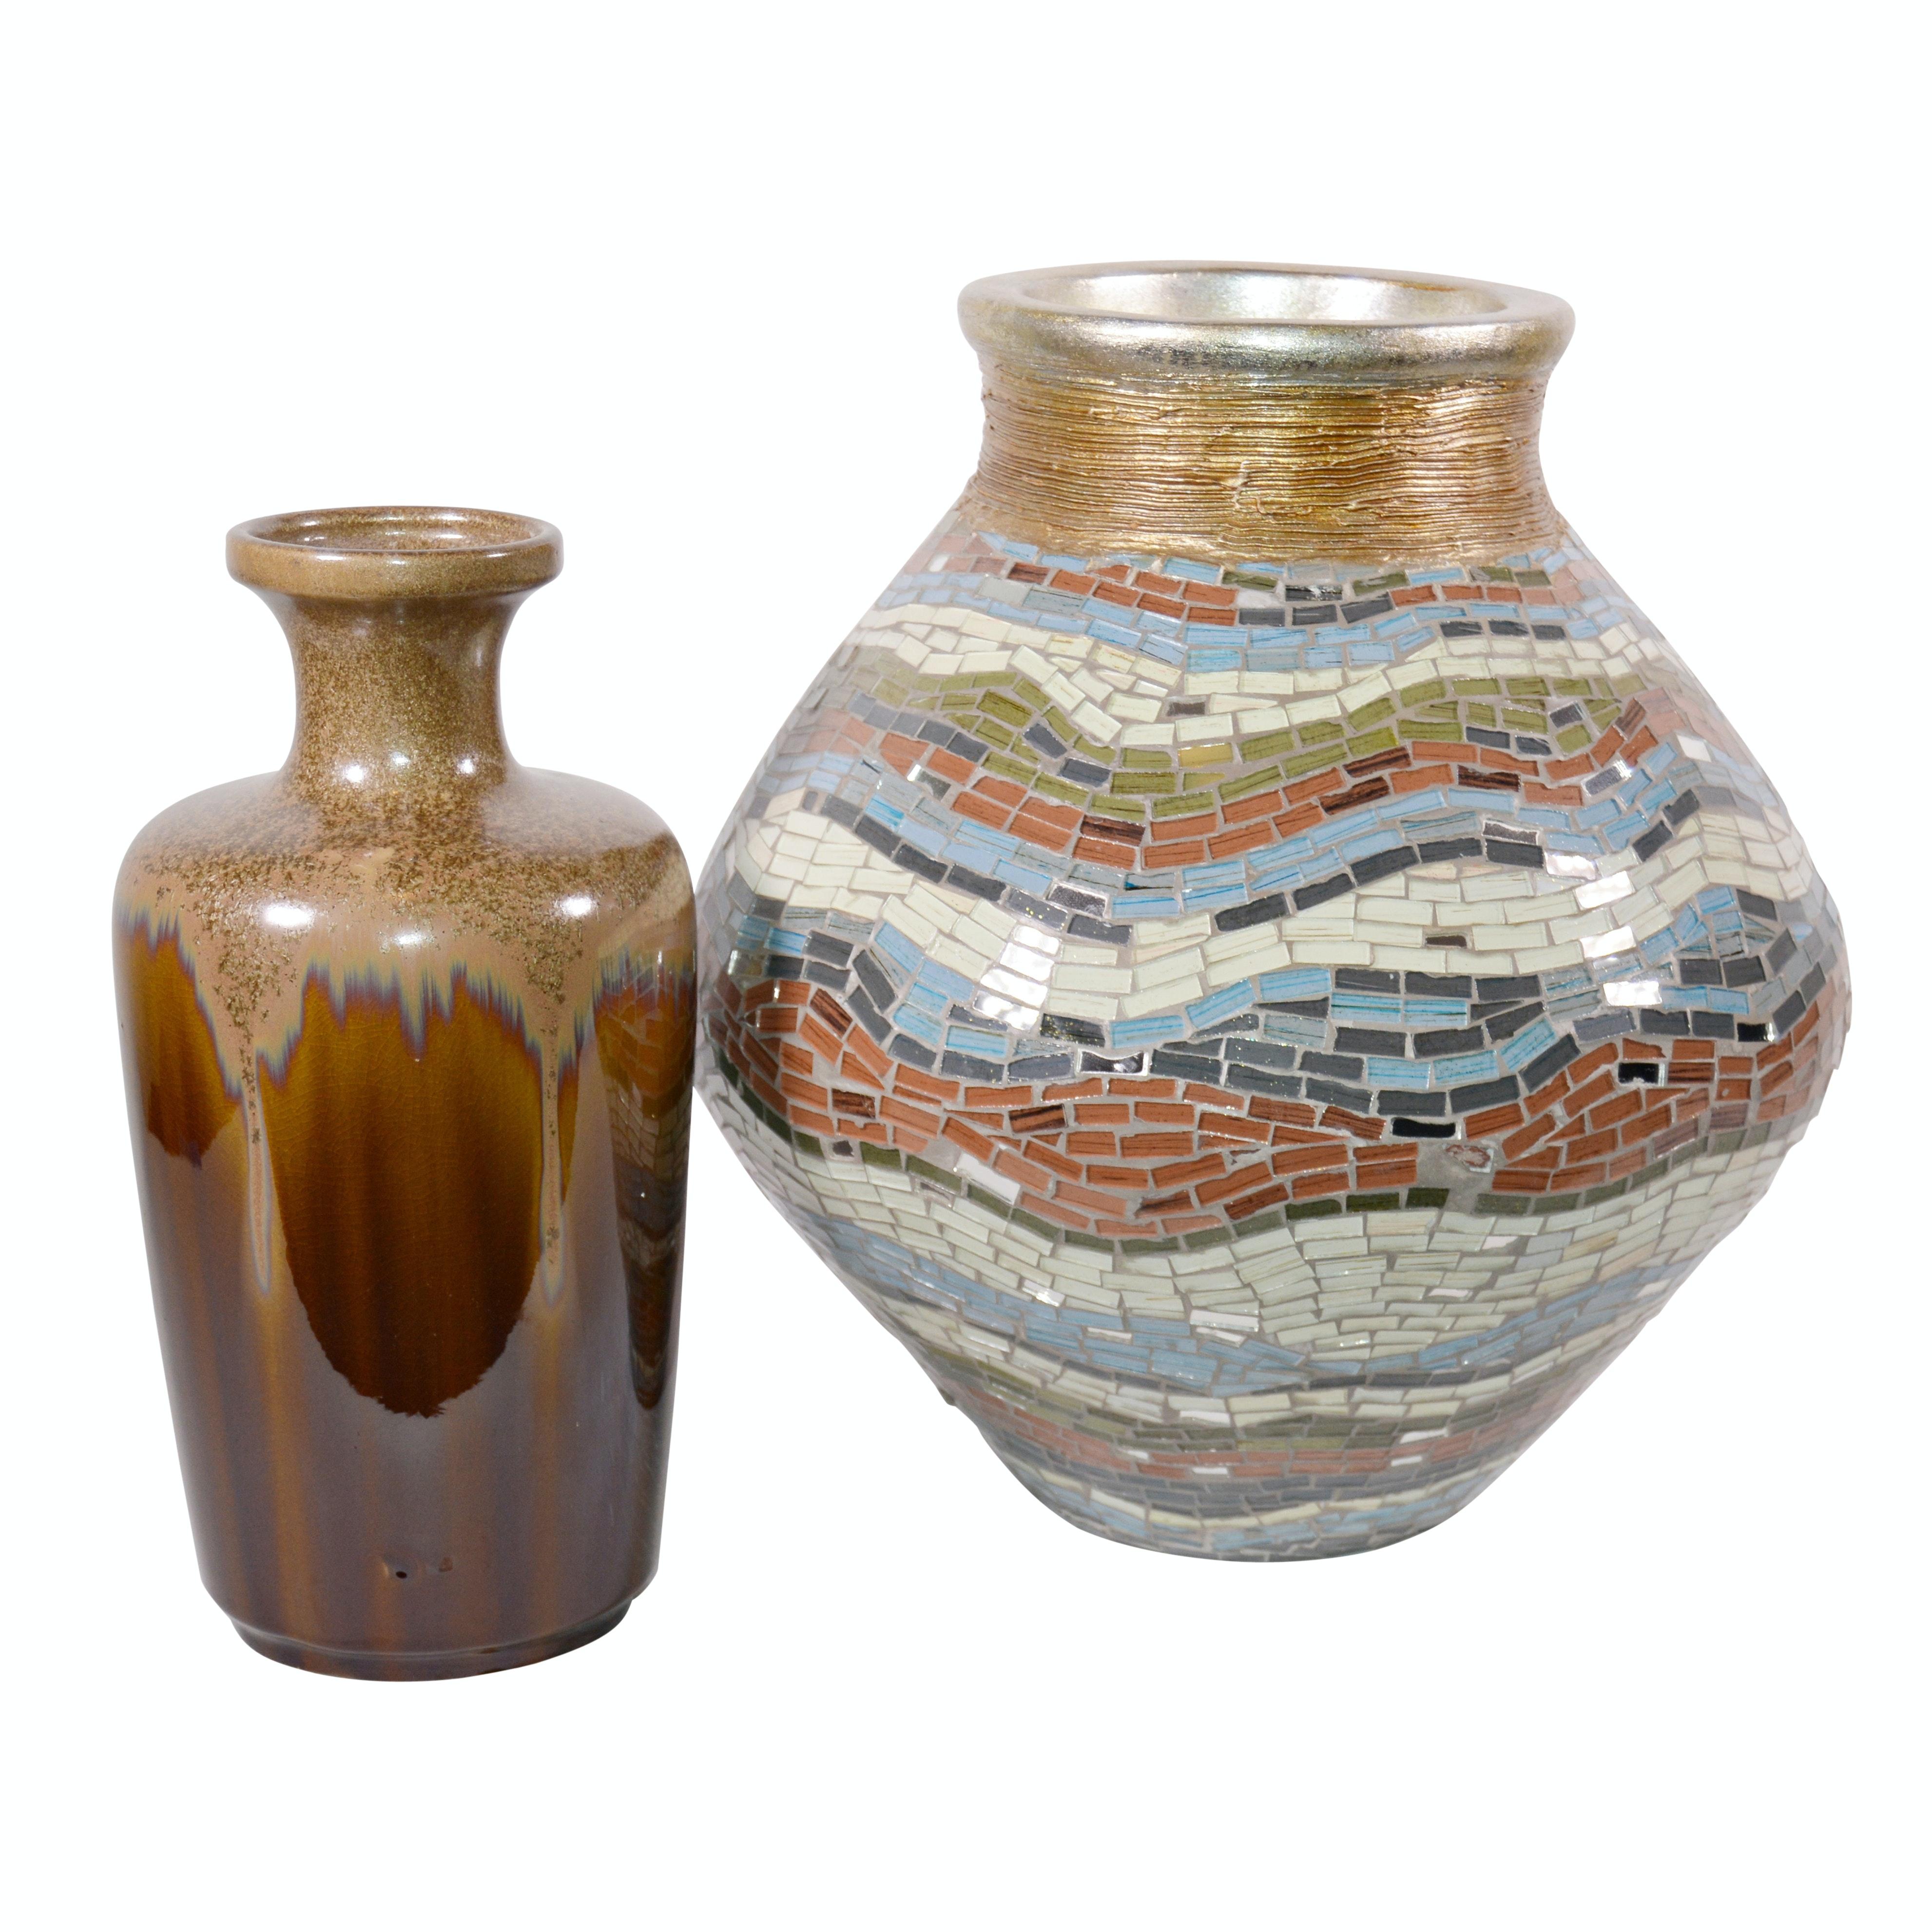 Mosaic Vase and Ceramic Vase